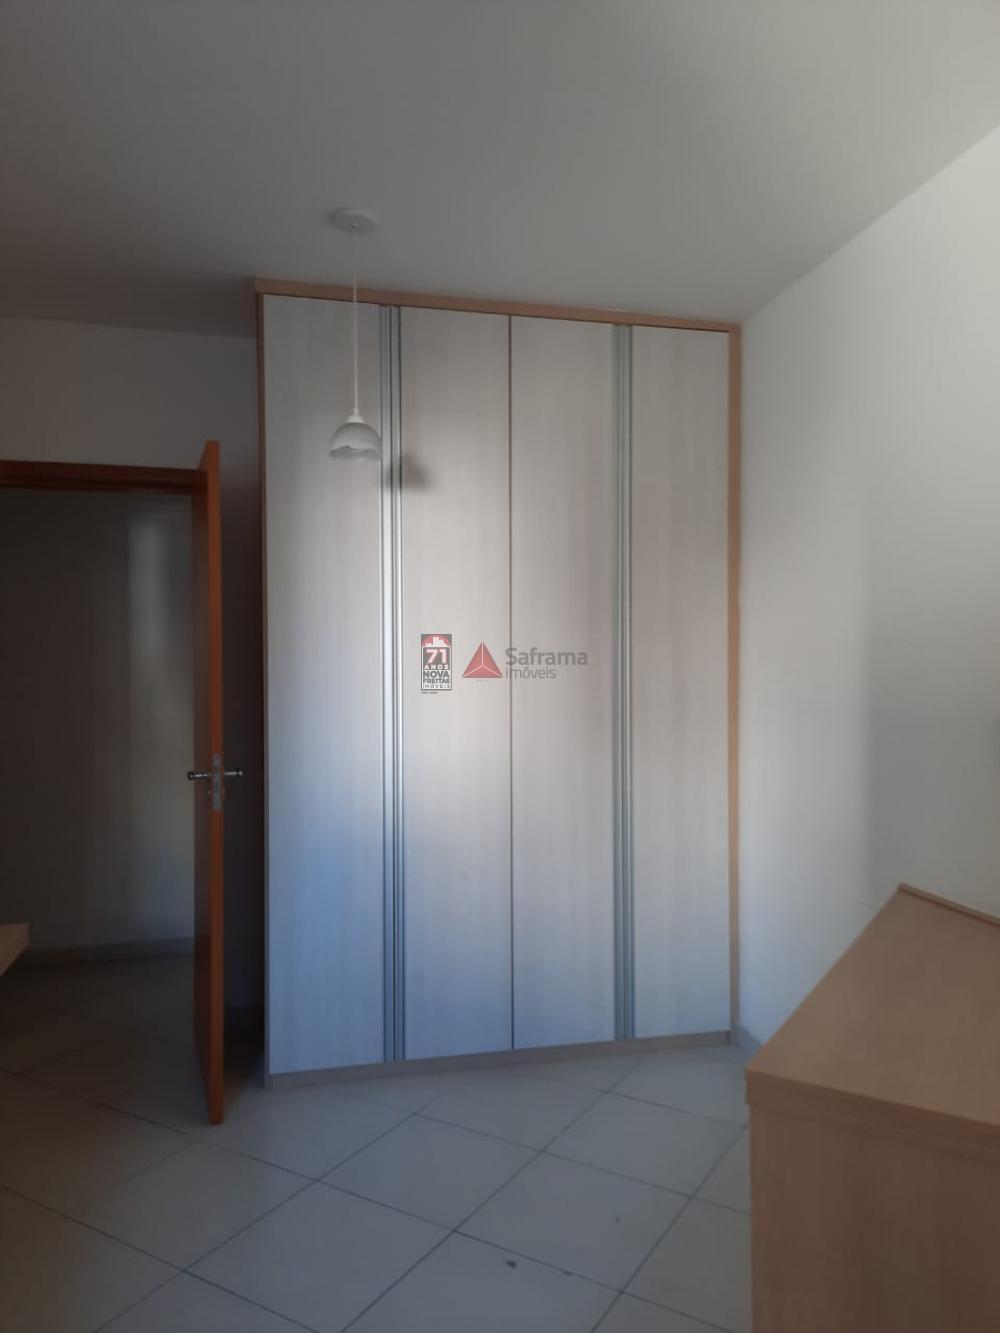 Comprar Apartamento / Padrão em São José dos Campos apenas R$ 650.000,00 - Foto 16